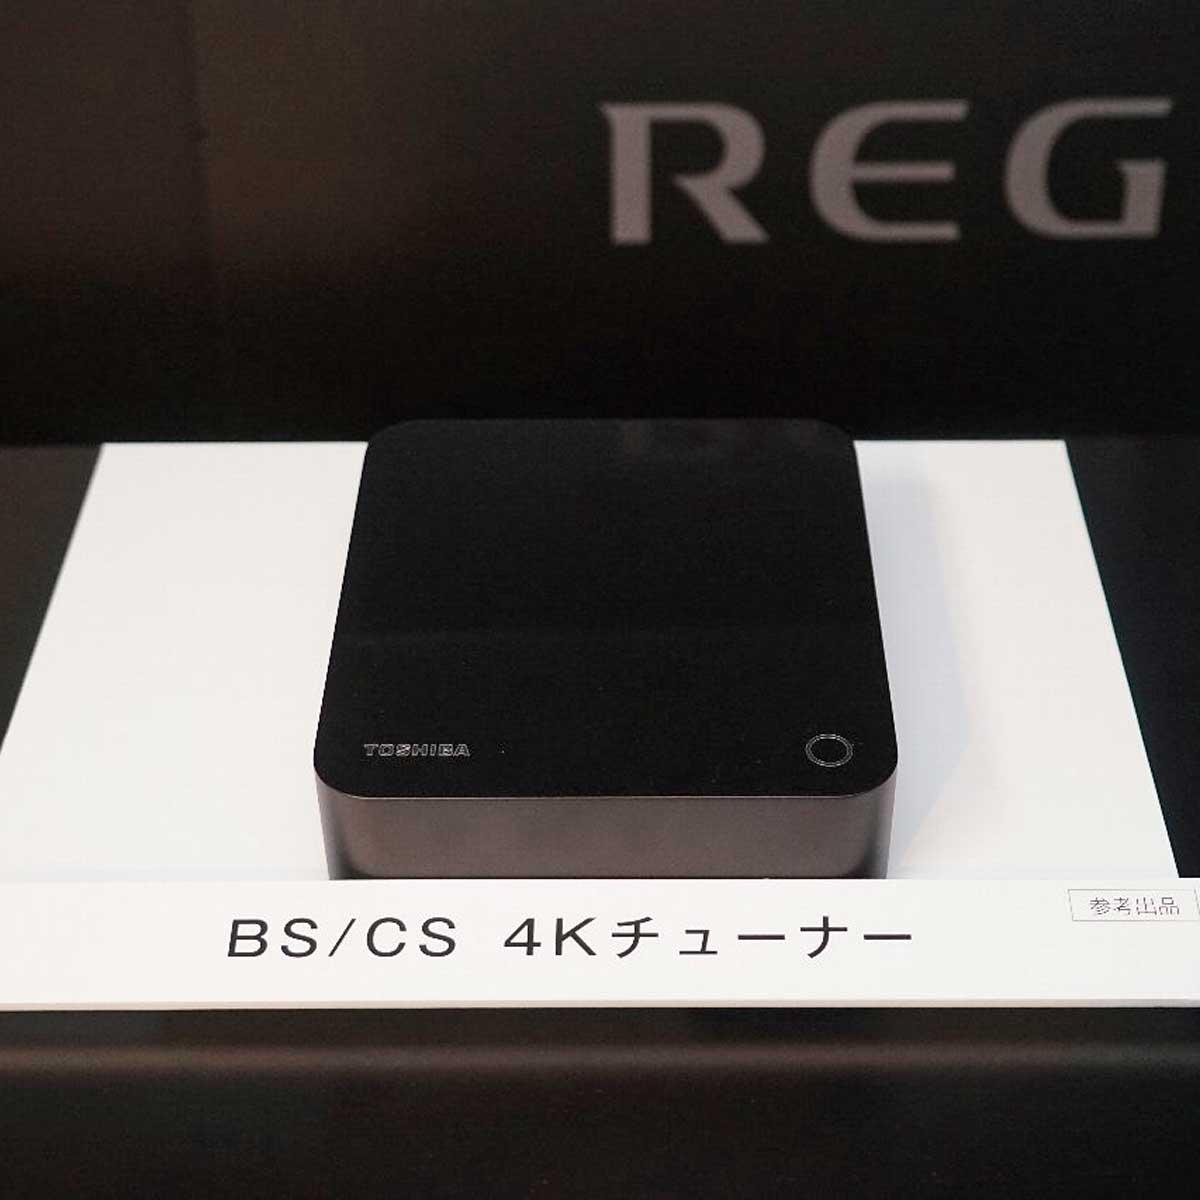 ハイセンス傘下でも東芝REGZAは健在。12月の新放送開始に向けたBS/CS 4Kチューナーの開発を発表